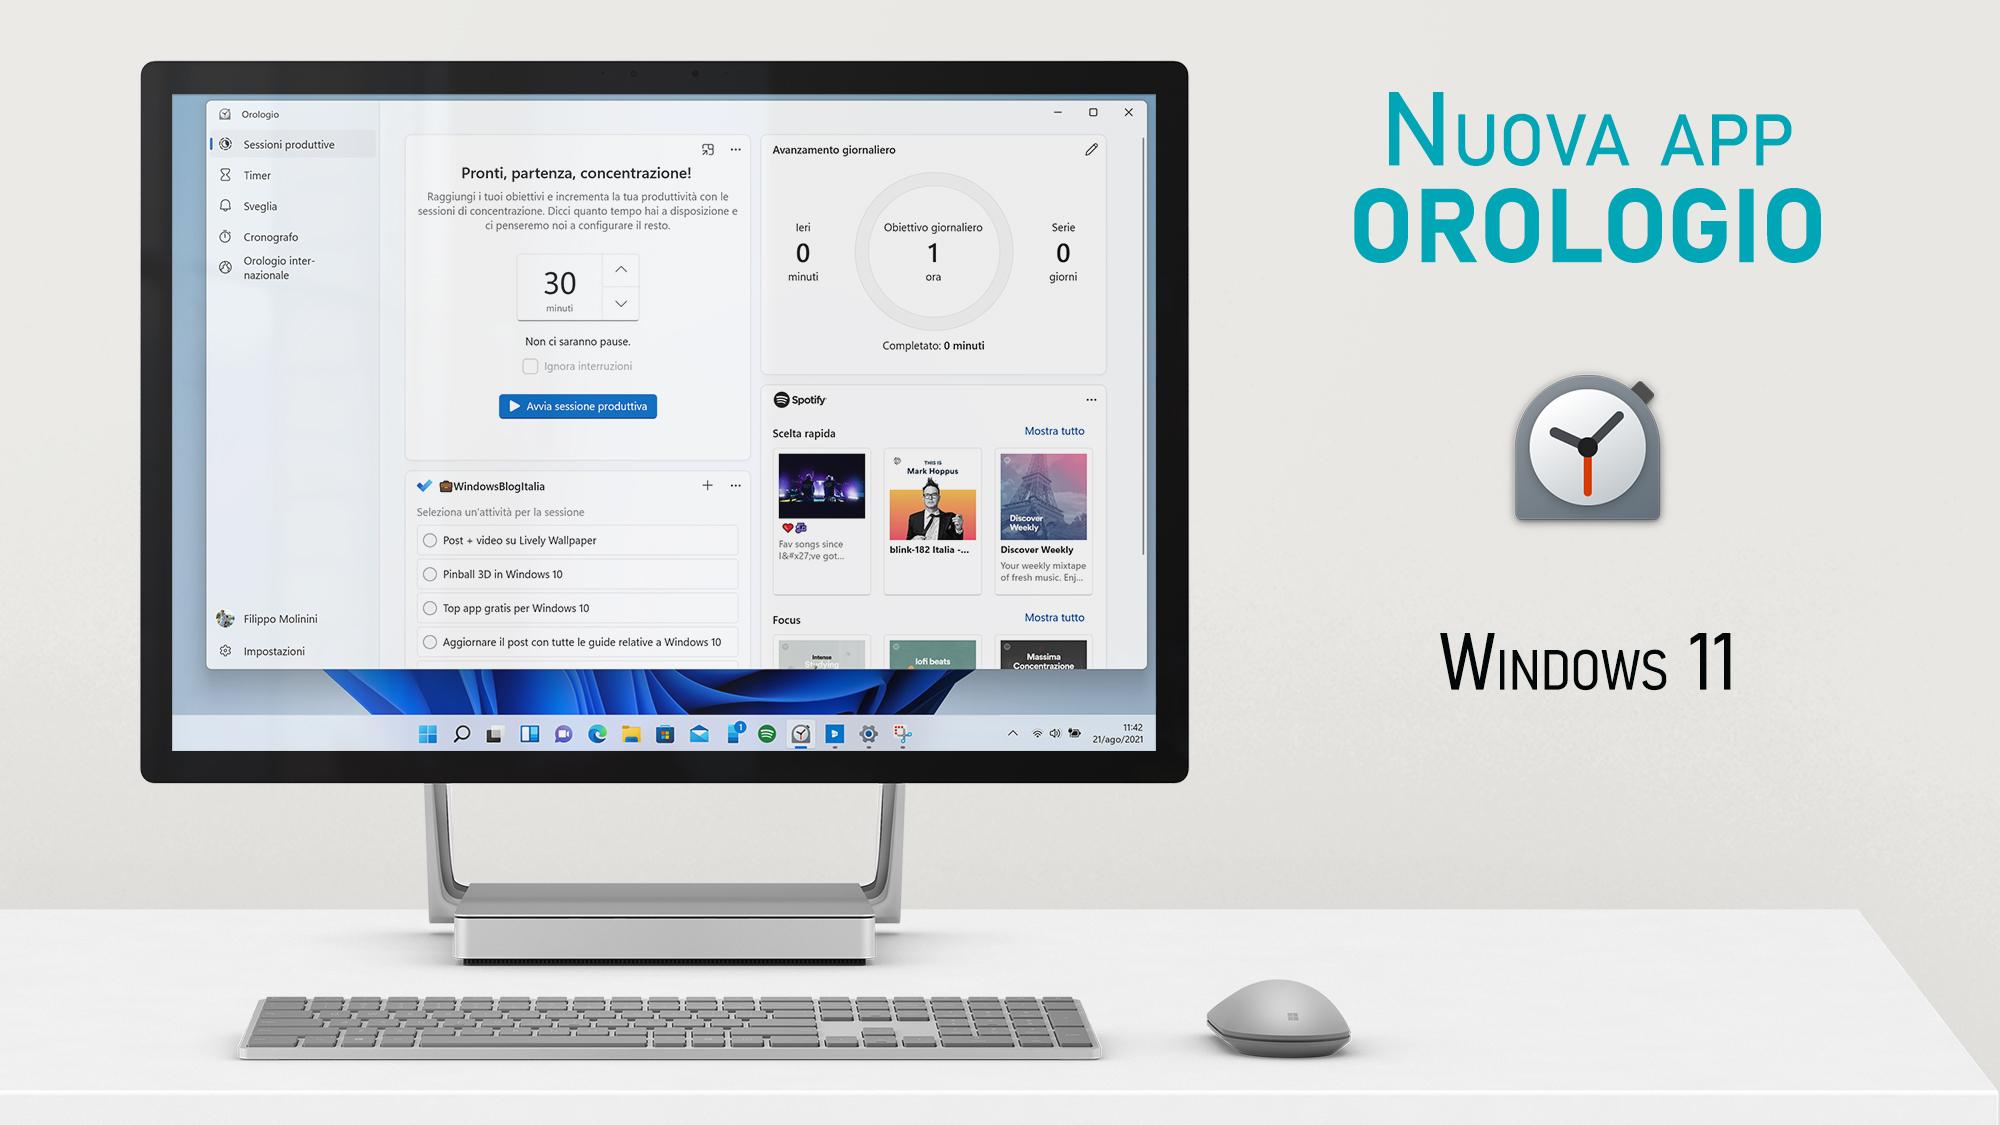 Nuova app Orologio di Windows 11